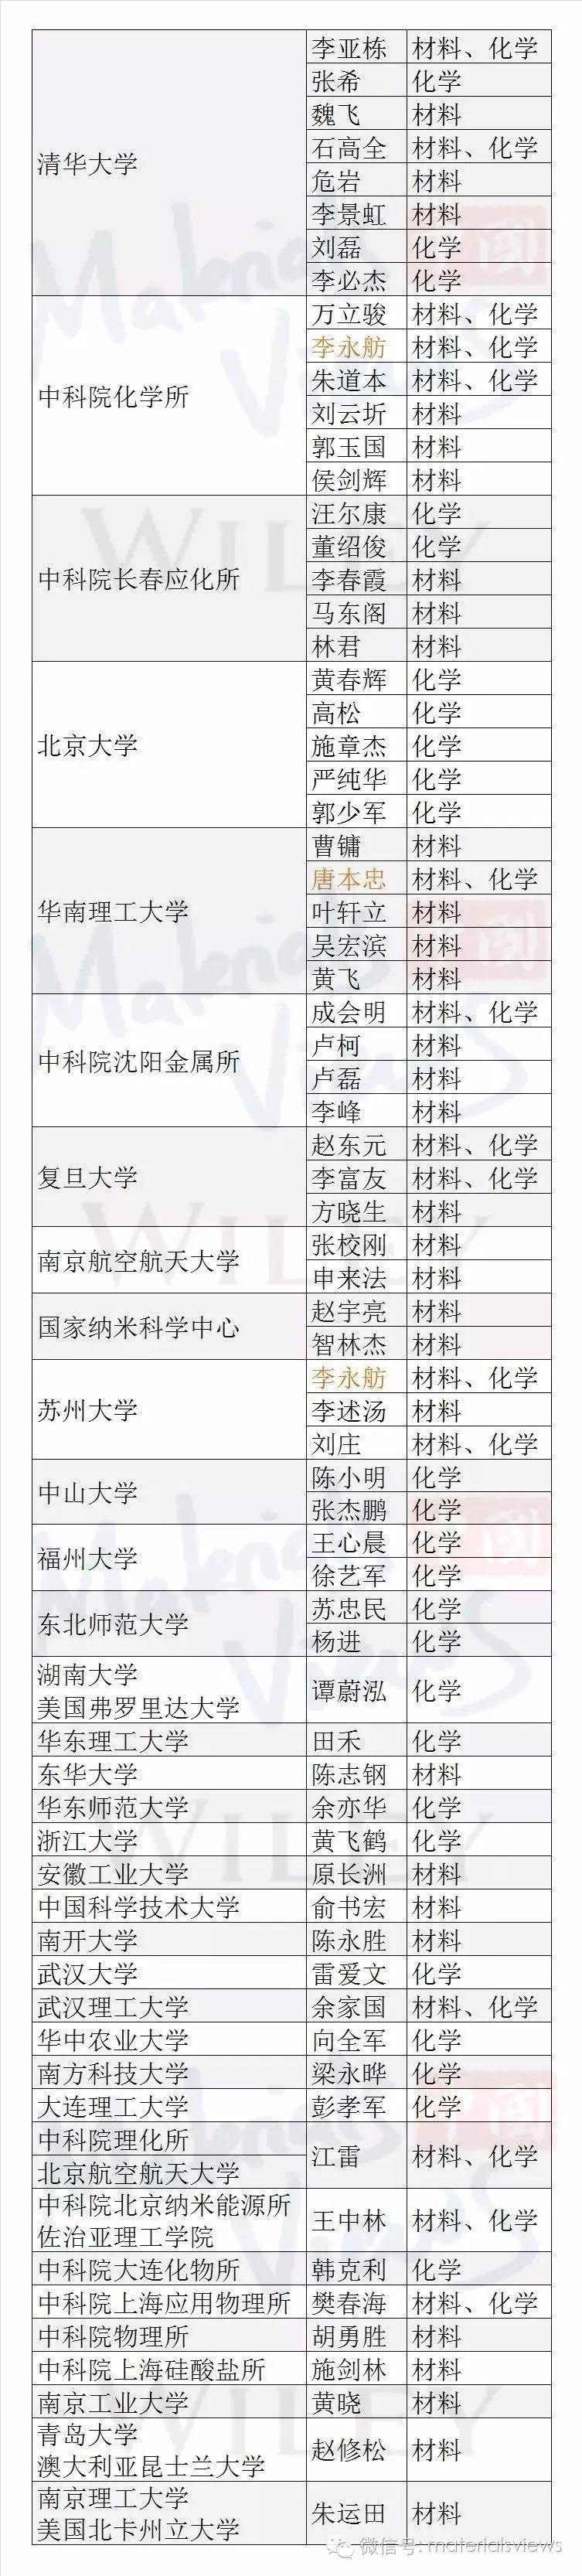 2016年高被引华人科学家名单(材料、化学方向)(修订版)